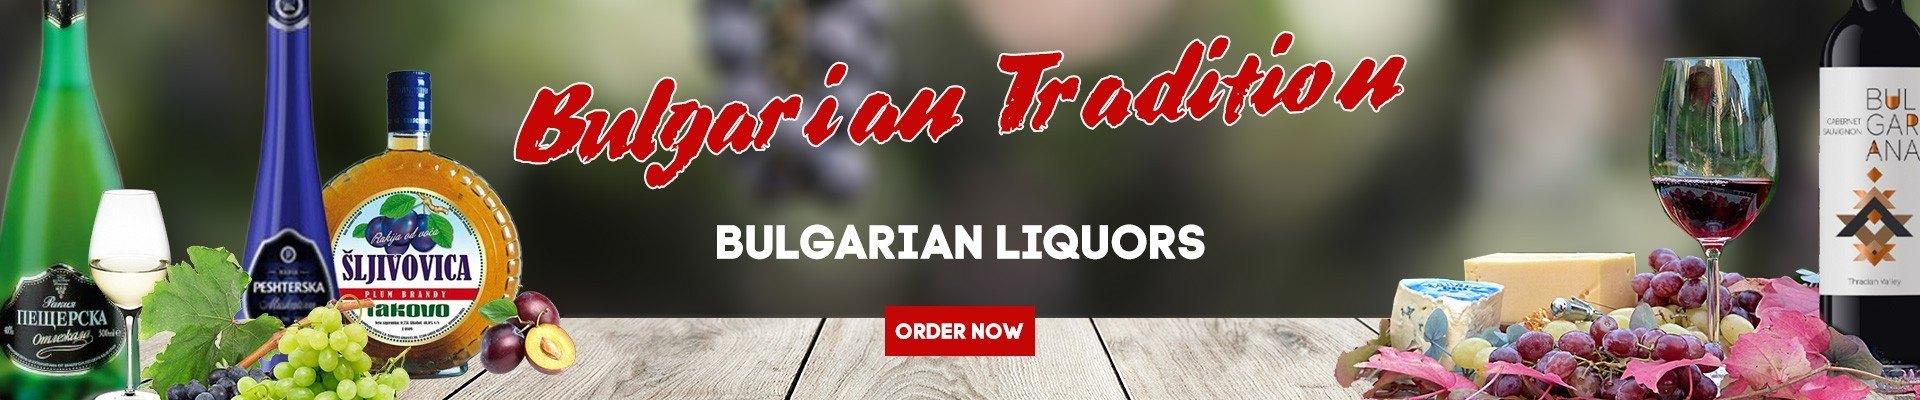 Bulgarian Liquors